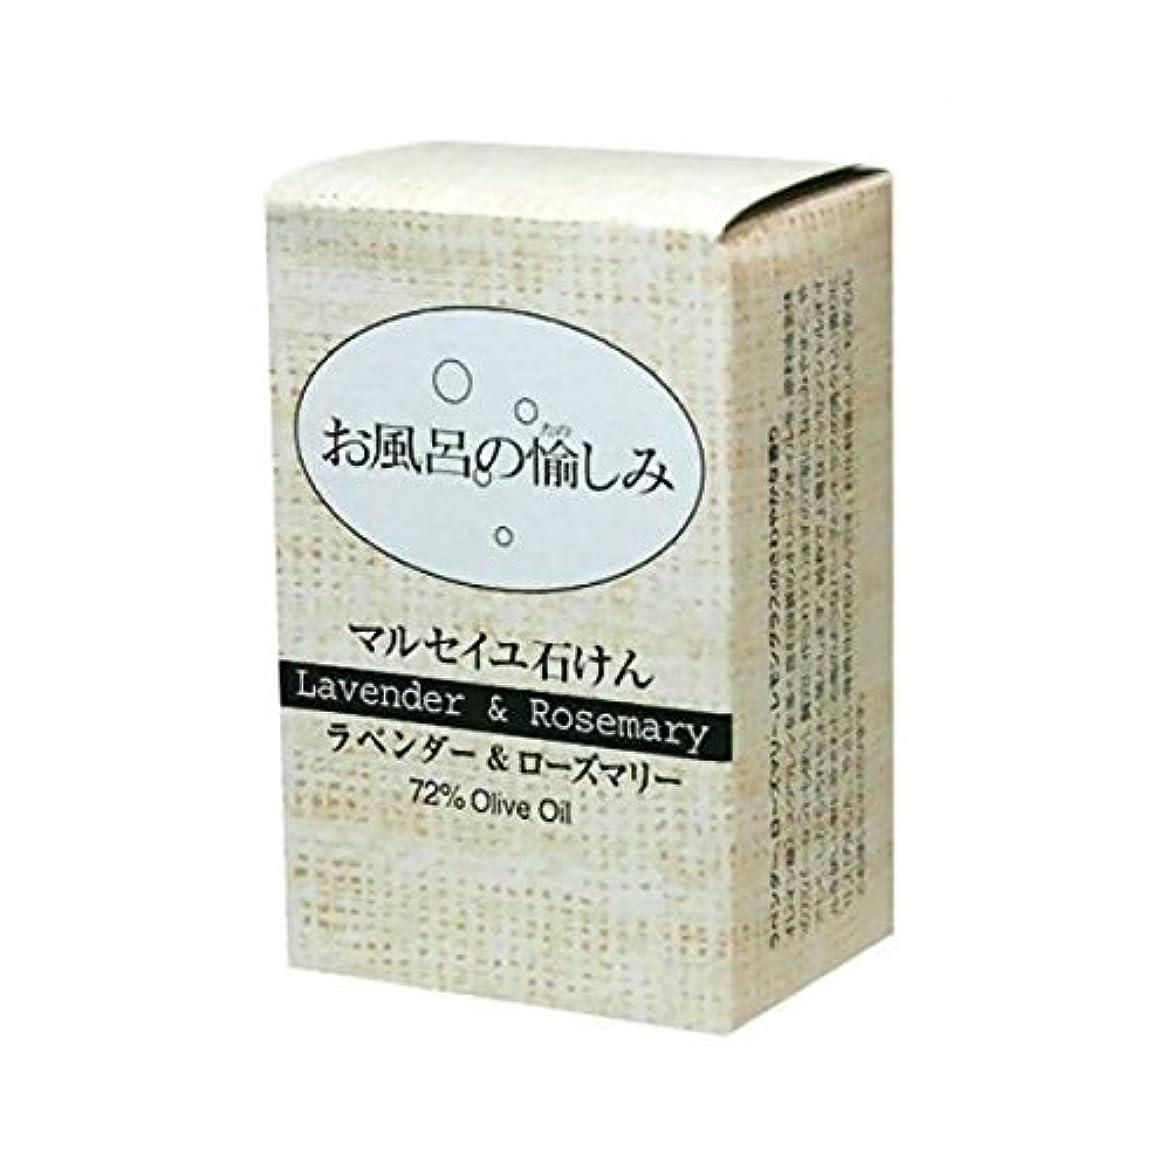 だます古い入浴【お徳用 3 セット】 お風呂の愉しみ マルセイユ石鹸 (ラベンダー&ローズマリー)×3セット